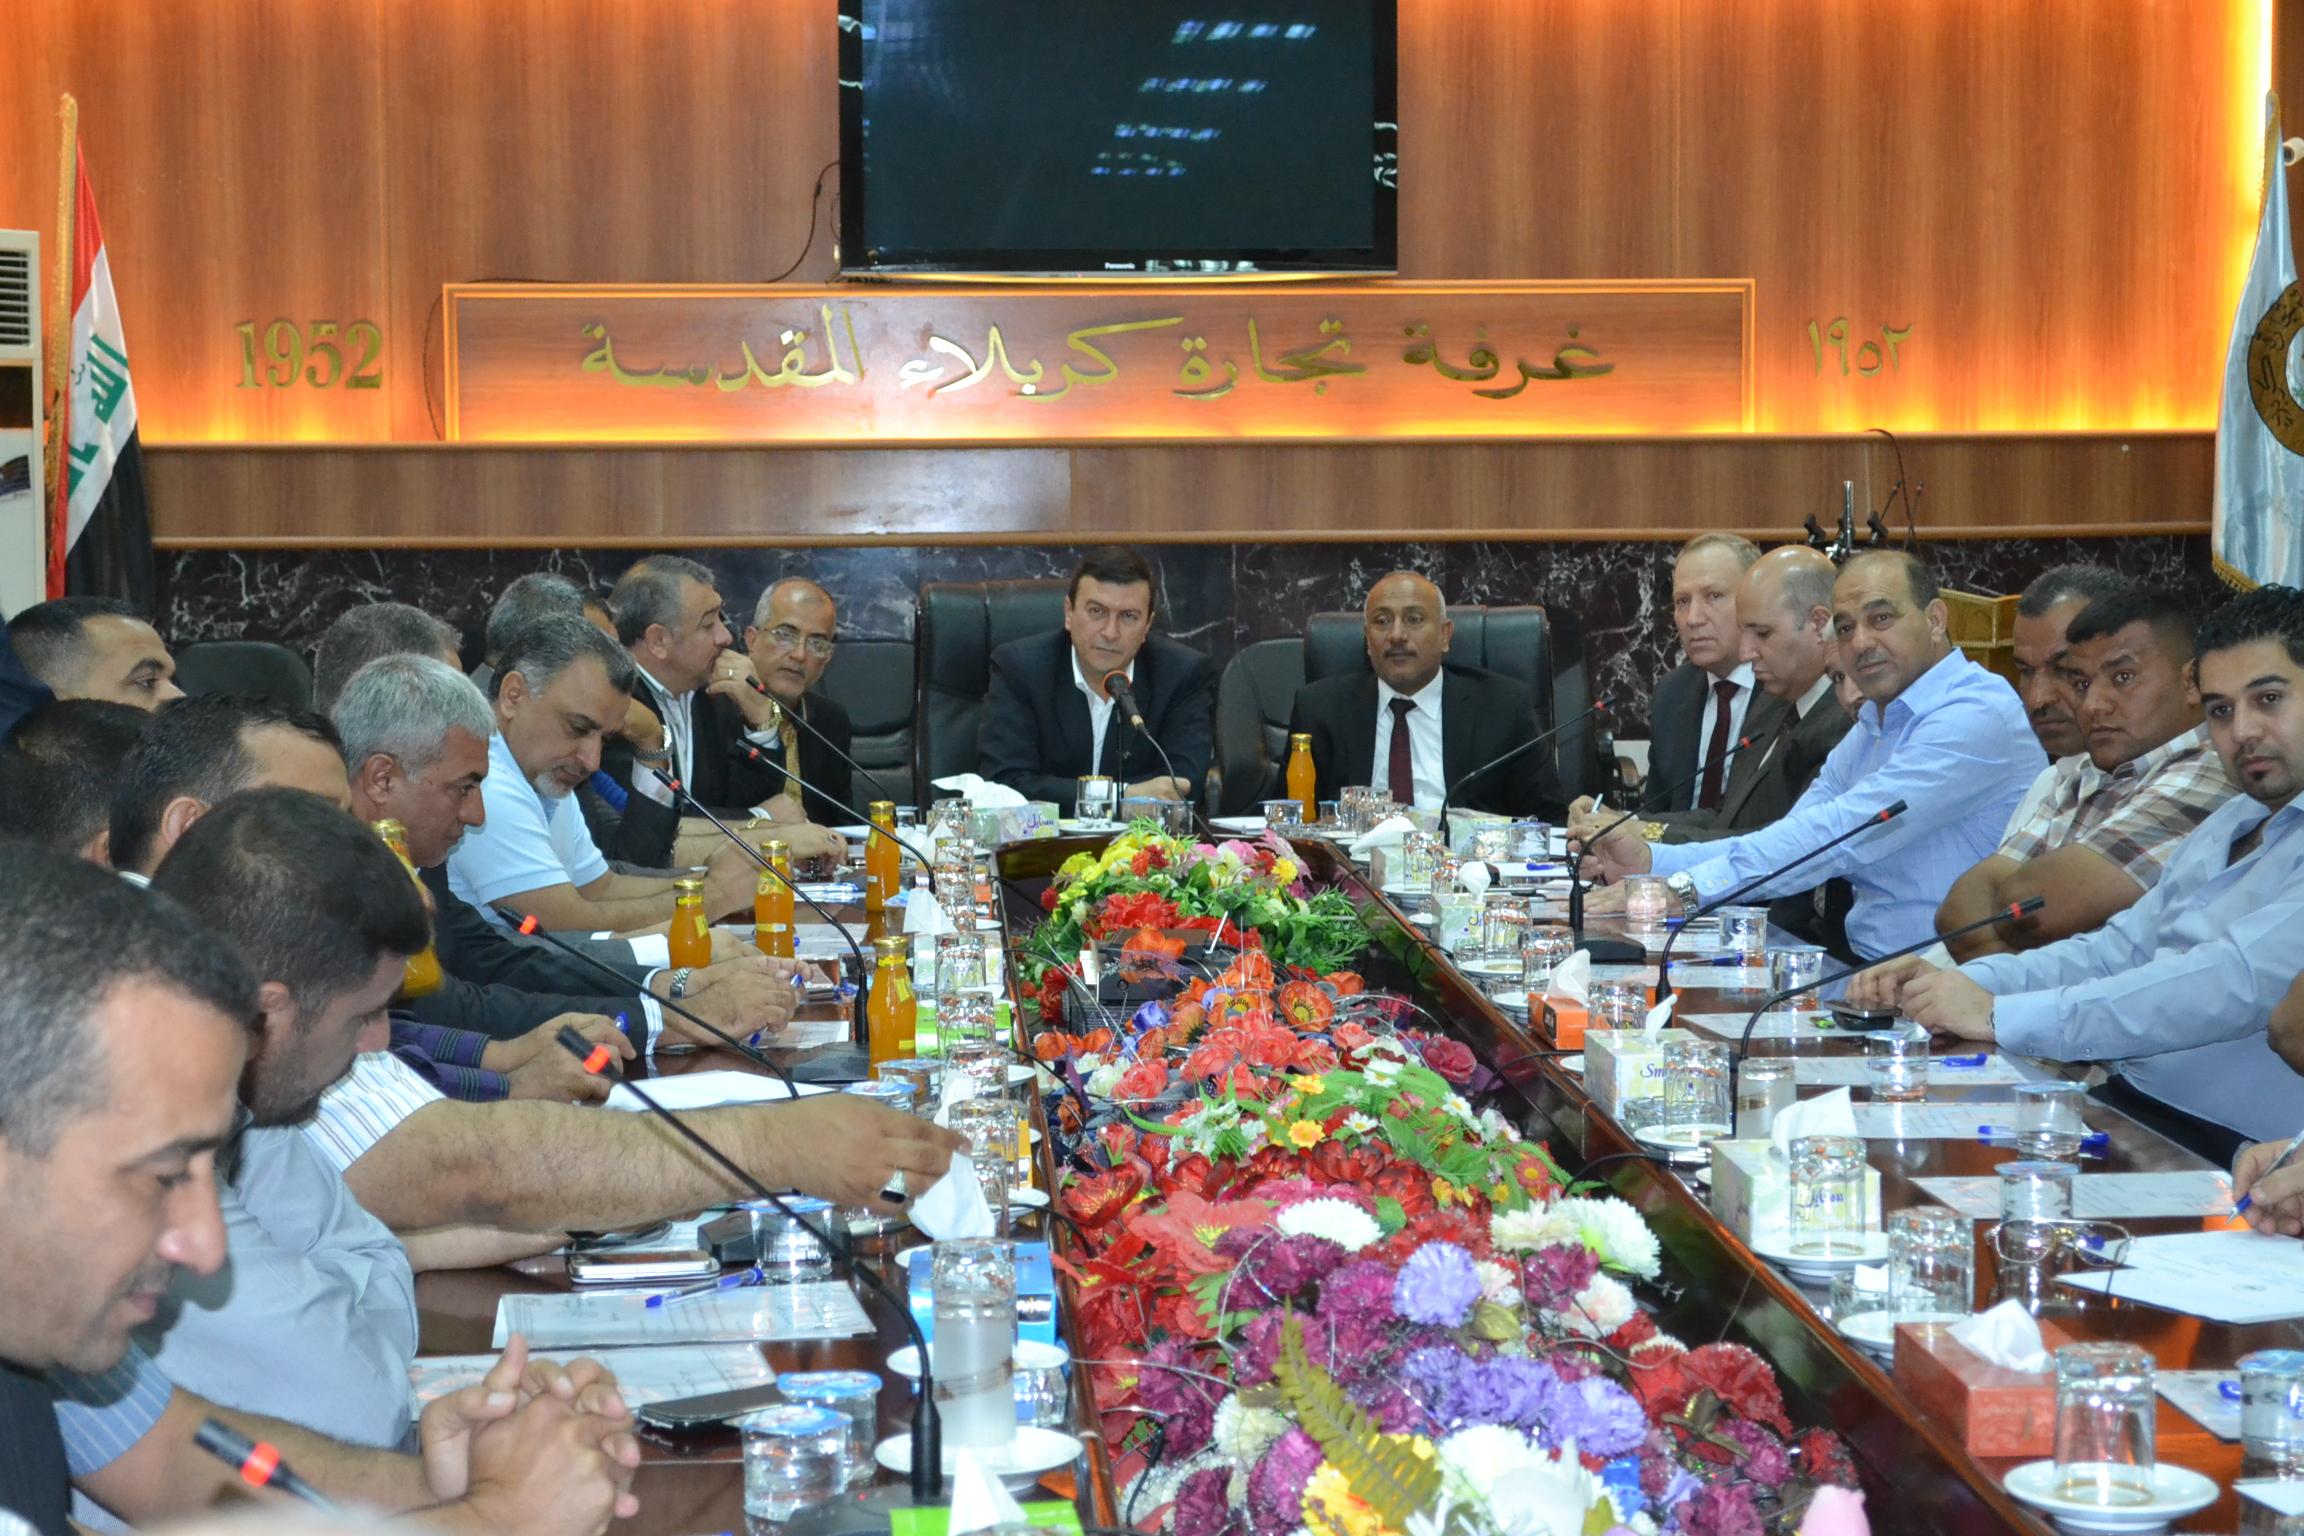 لدعم واسناد الجهد العسكري تجار كربلاء يعملون على تعزيز وترصين الجبهة الداخلية